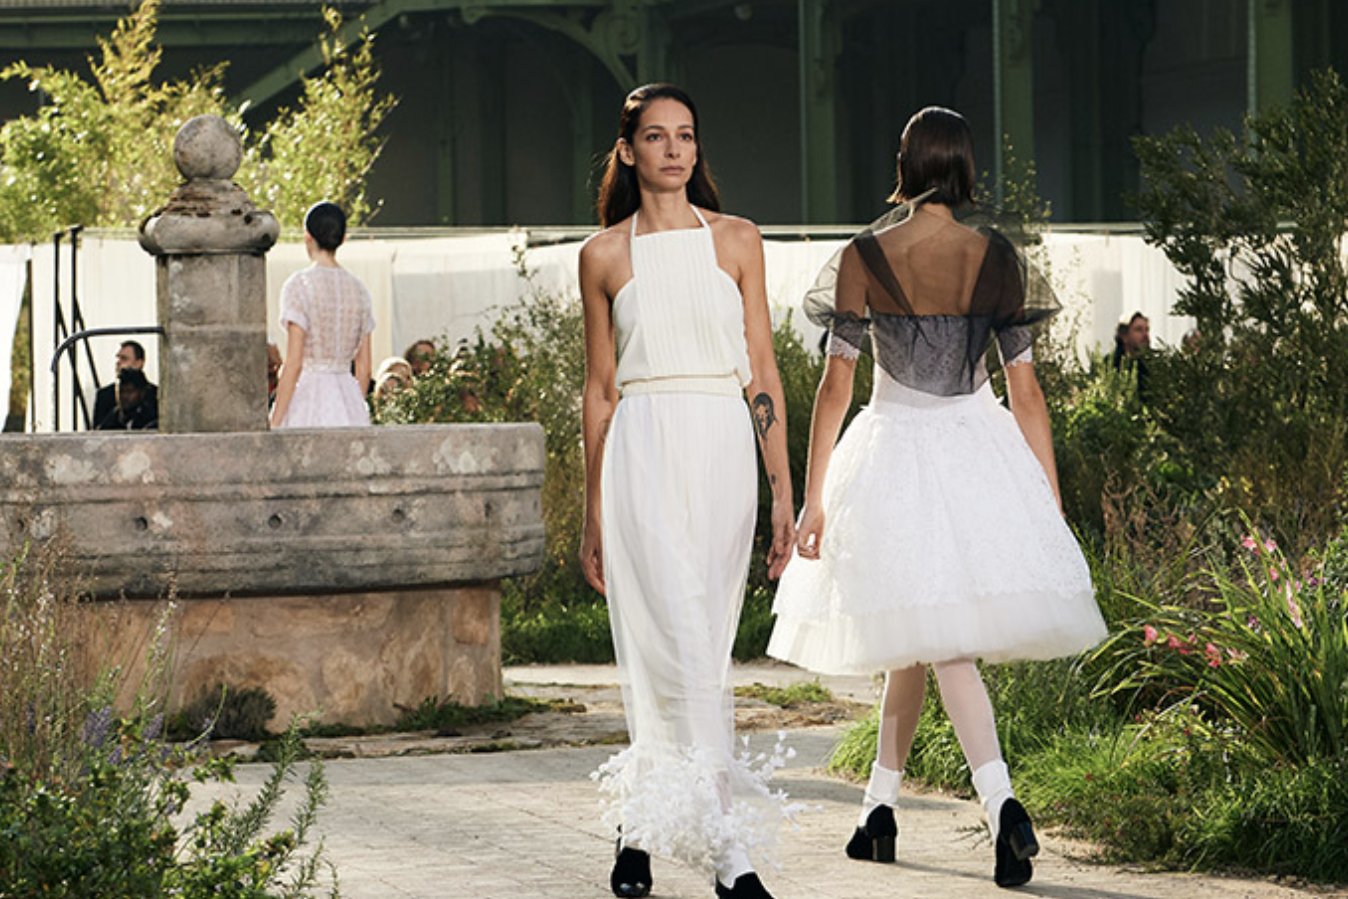 巴黎时装周确认:9月将回归线下办秀